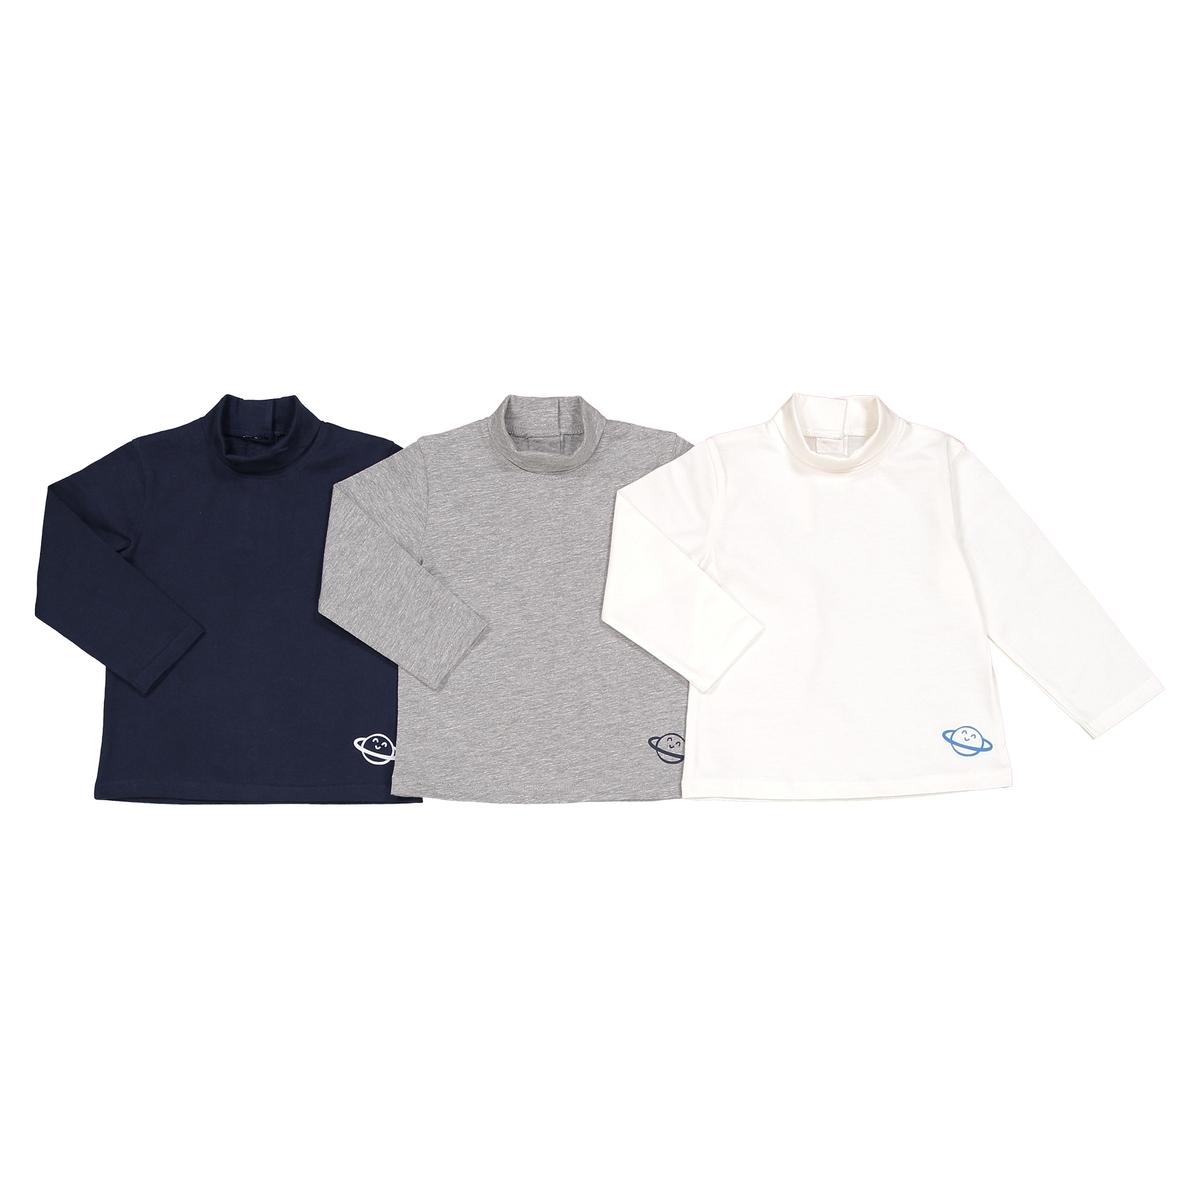 Комплект из 3 футболок с длинными рукавами, 1 мес. - 3 года La Redoute Collections